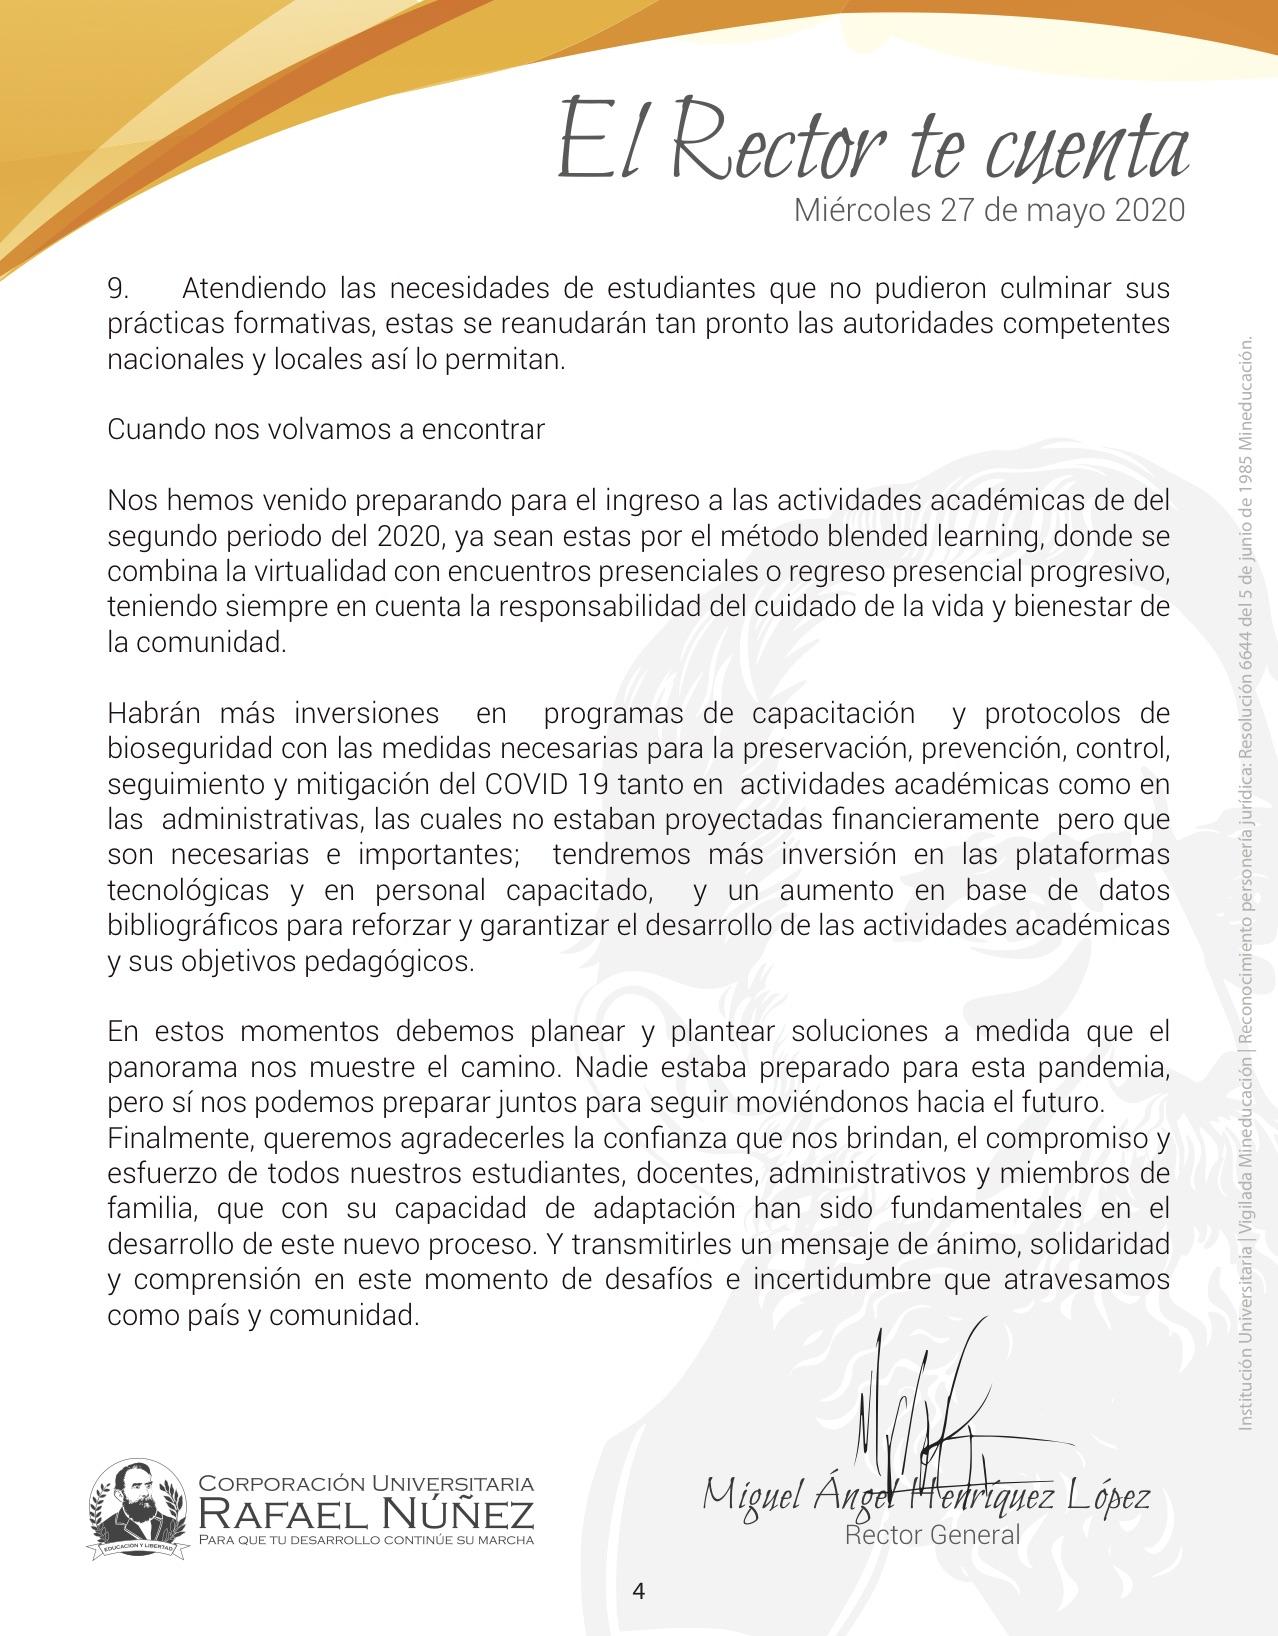 Imagen Rector Te Cuenta